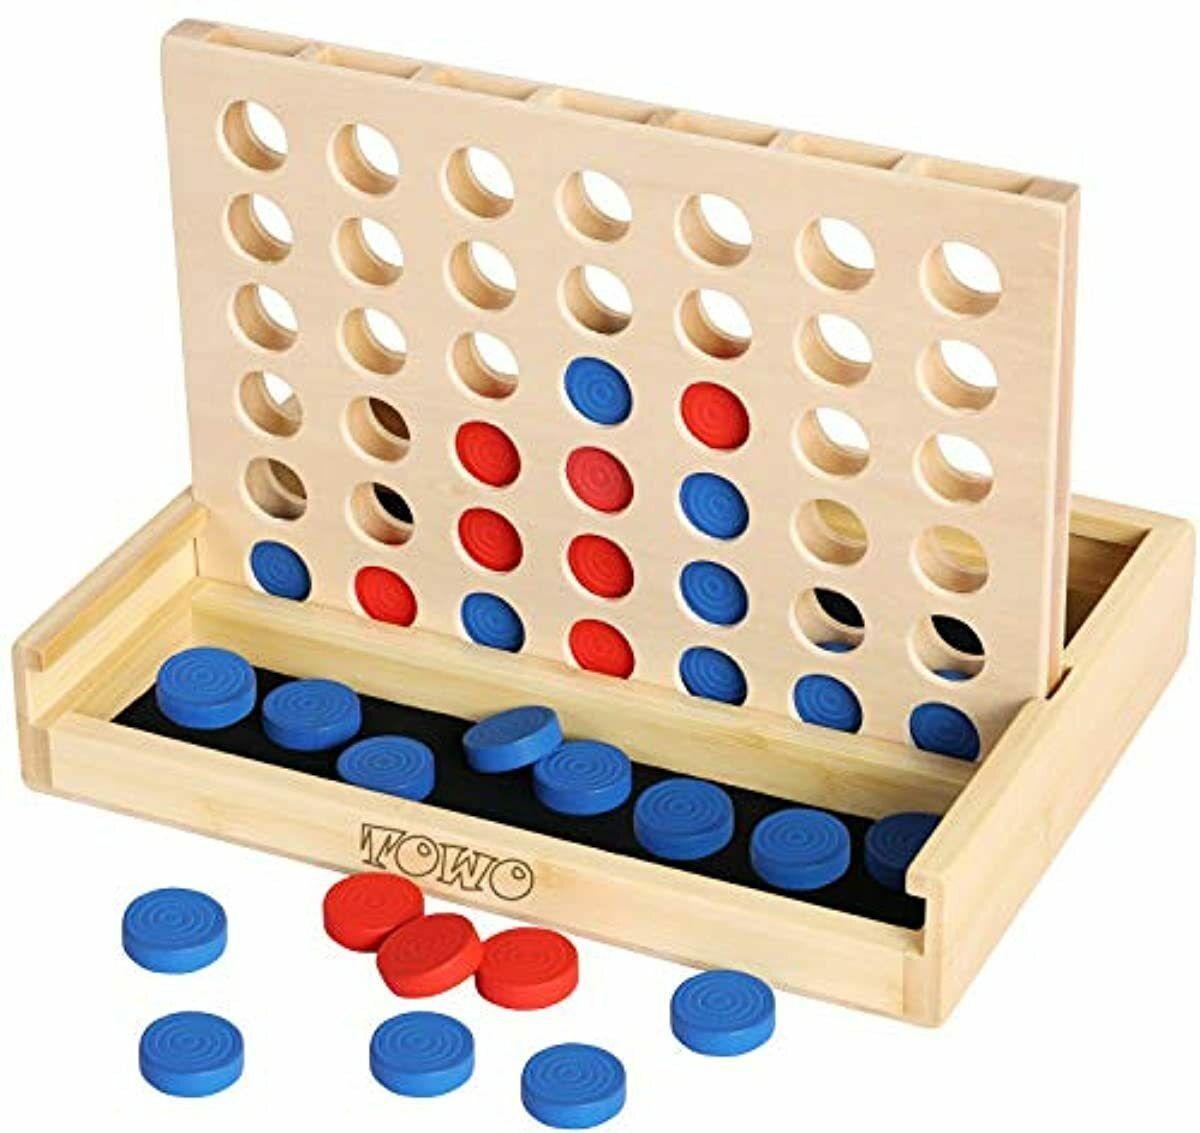 Towo Holz 4 in einer Reihe Spiel-klassisches Strategie-Spiel für Erwachsene Kin